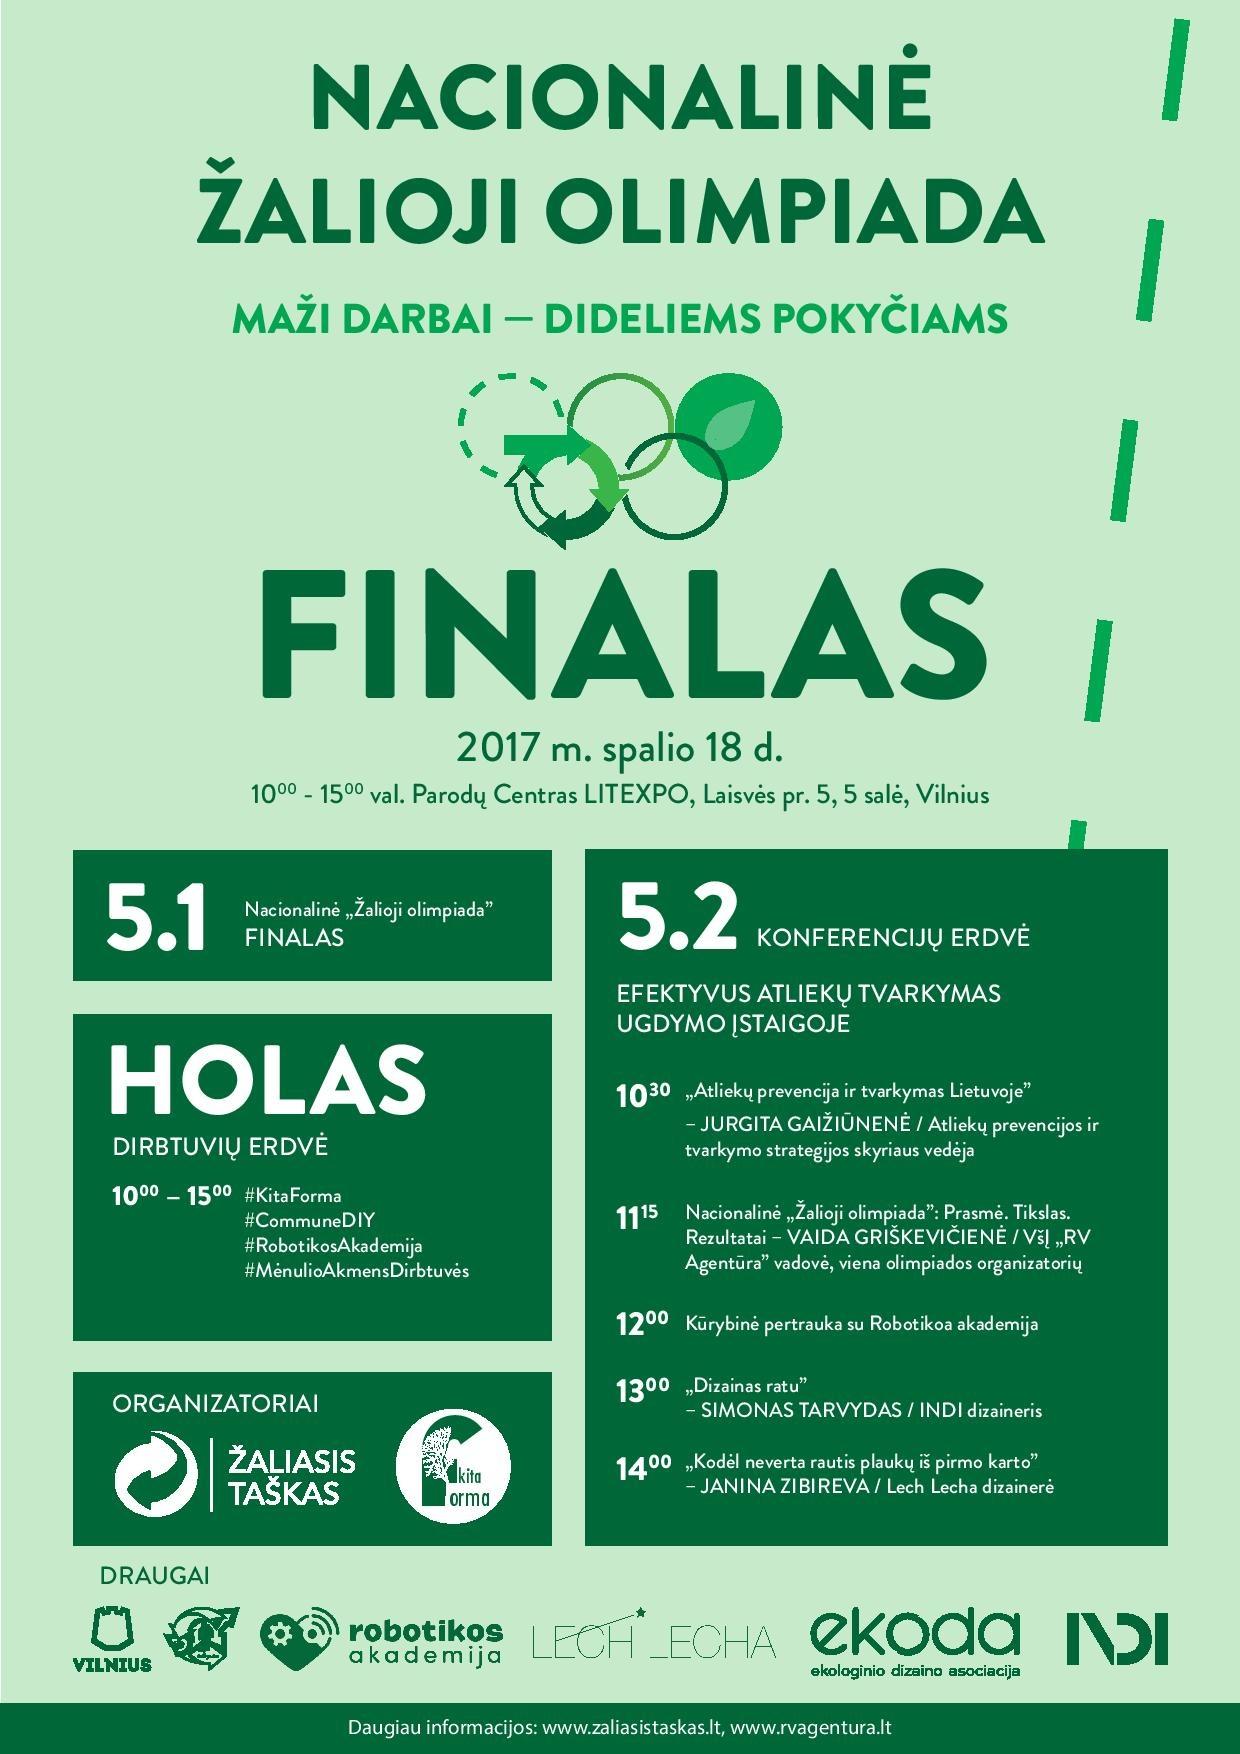 """Nacionalinės """"Žaliosios olimpiados"""" finale nemokamos konferencijos ir eko dirbtuvės lankytojams"""